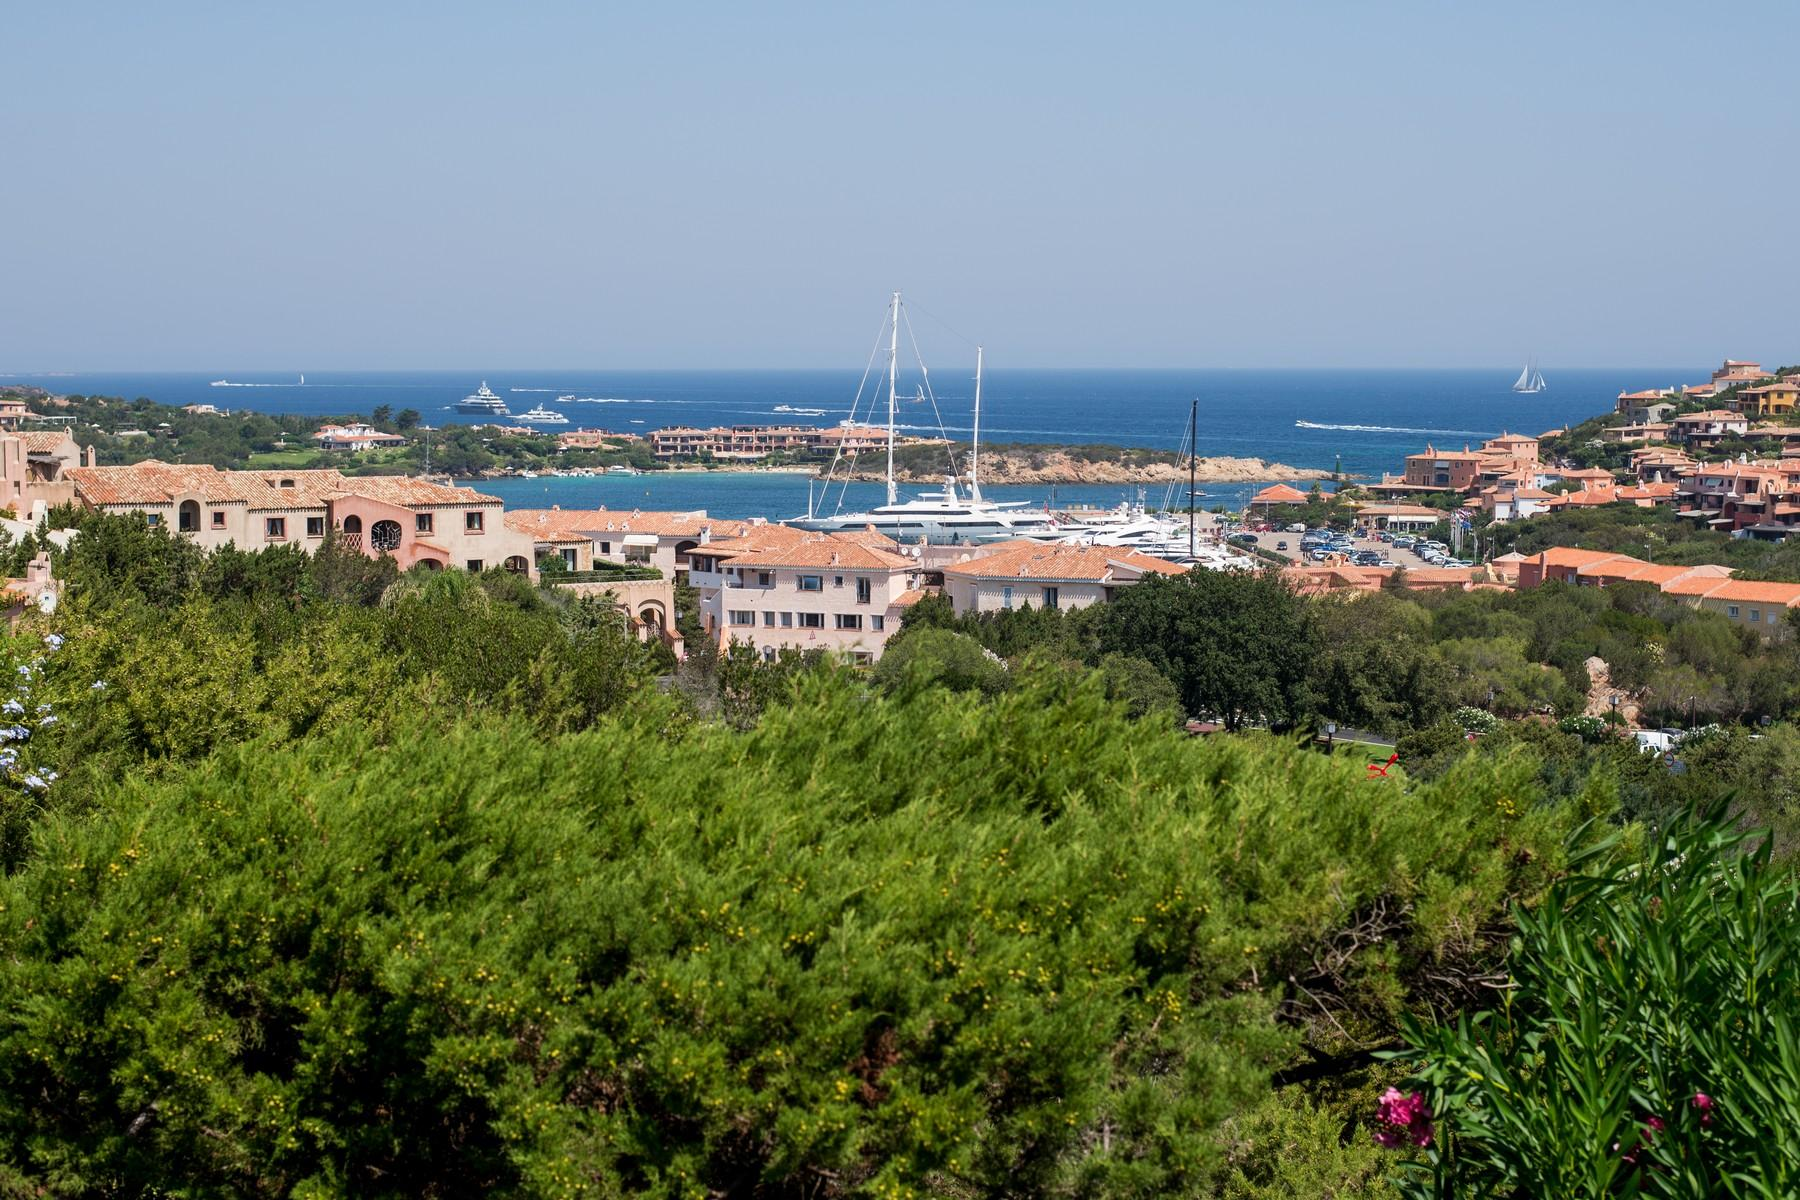 Porto Cervo Centro Замечательный таунхаус с видом на море и центр Порто Черво, Сардиния, Италия - 14